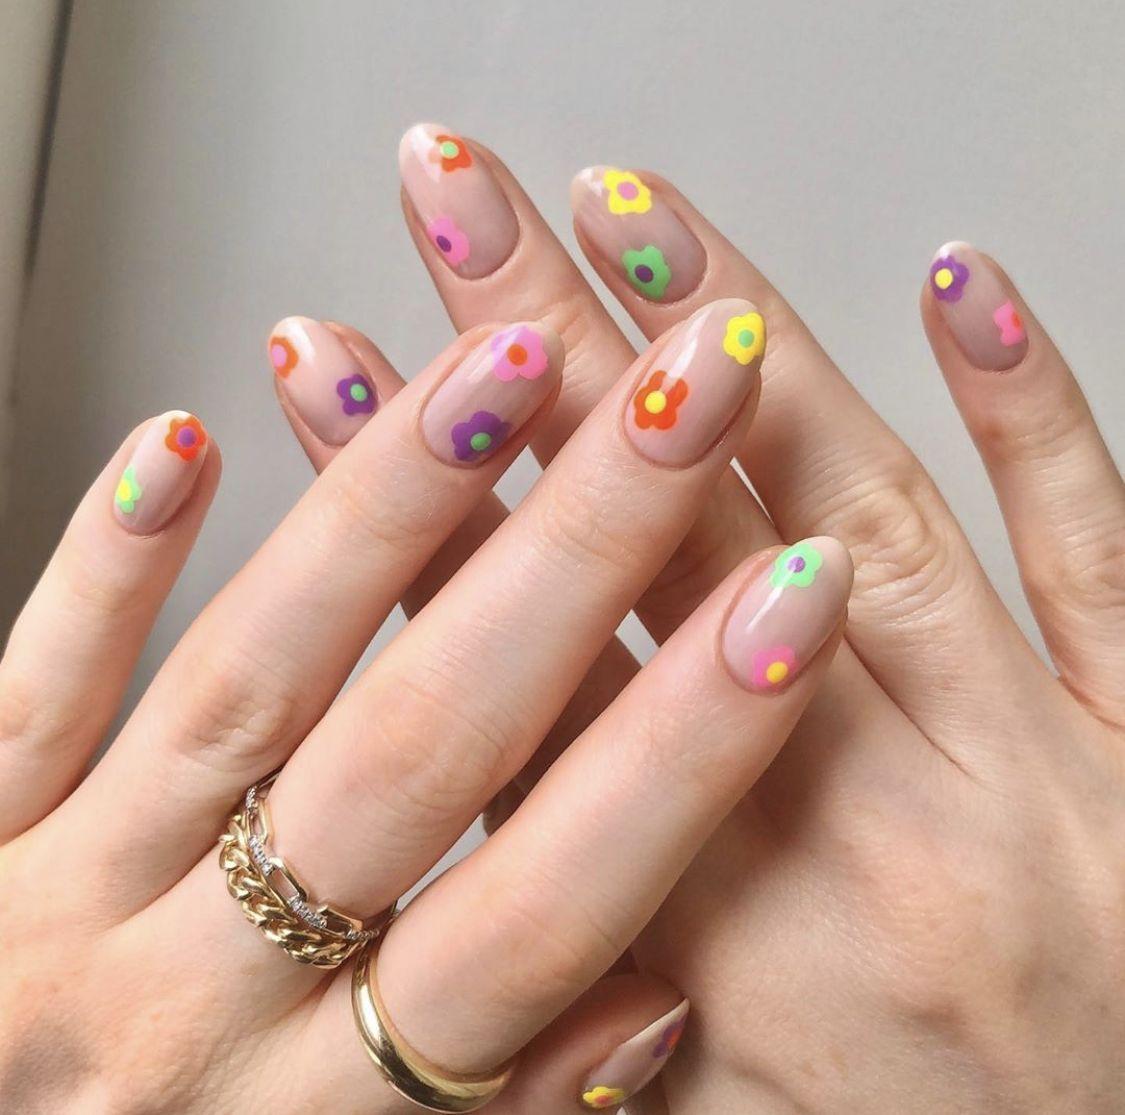 indie_nails_σε_μπεζ_χρώμα_με_διάφορα_λουλούδια_